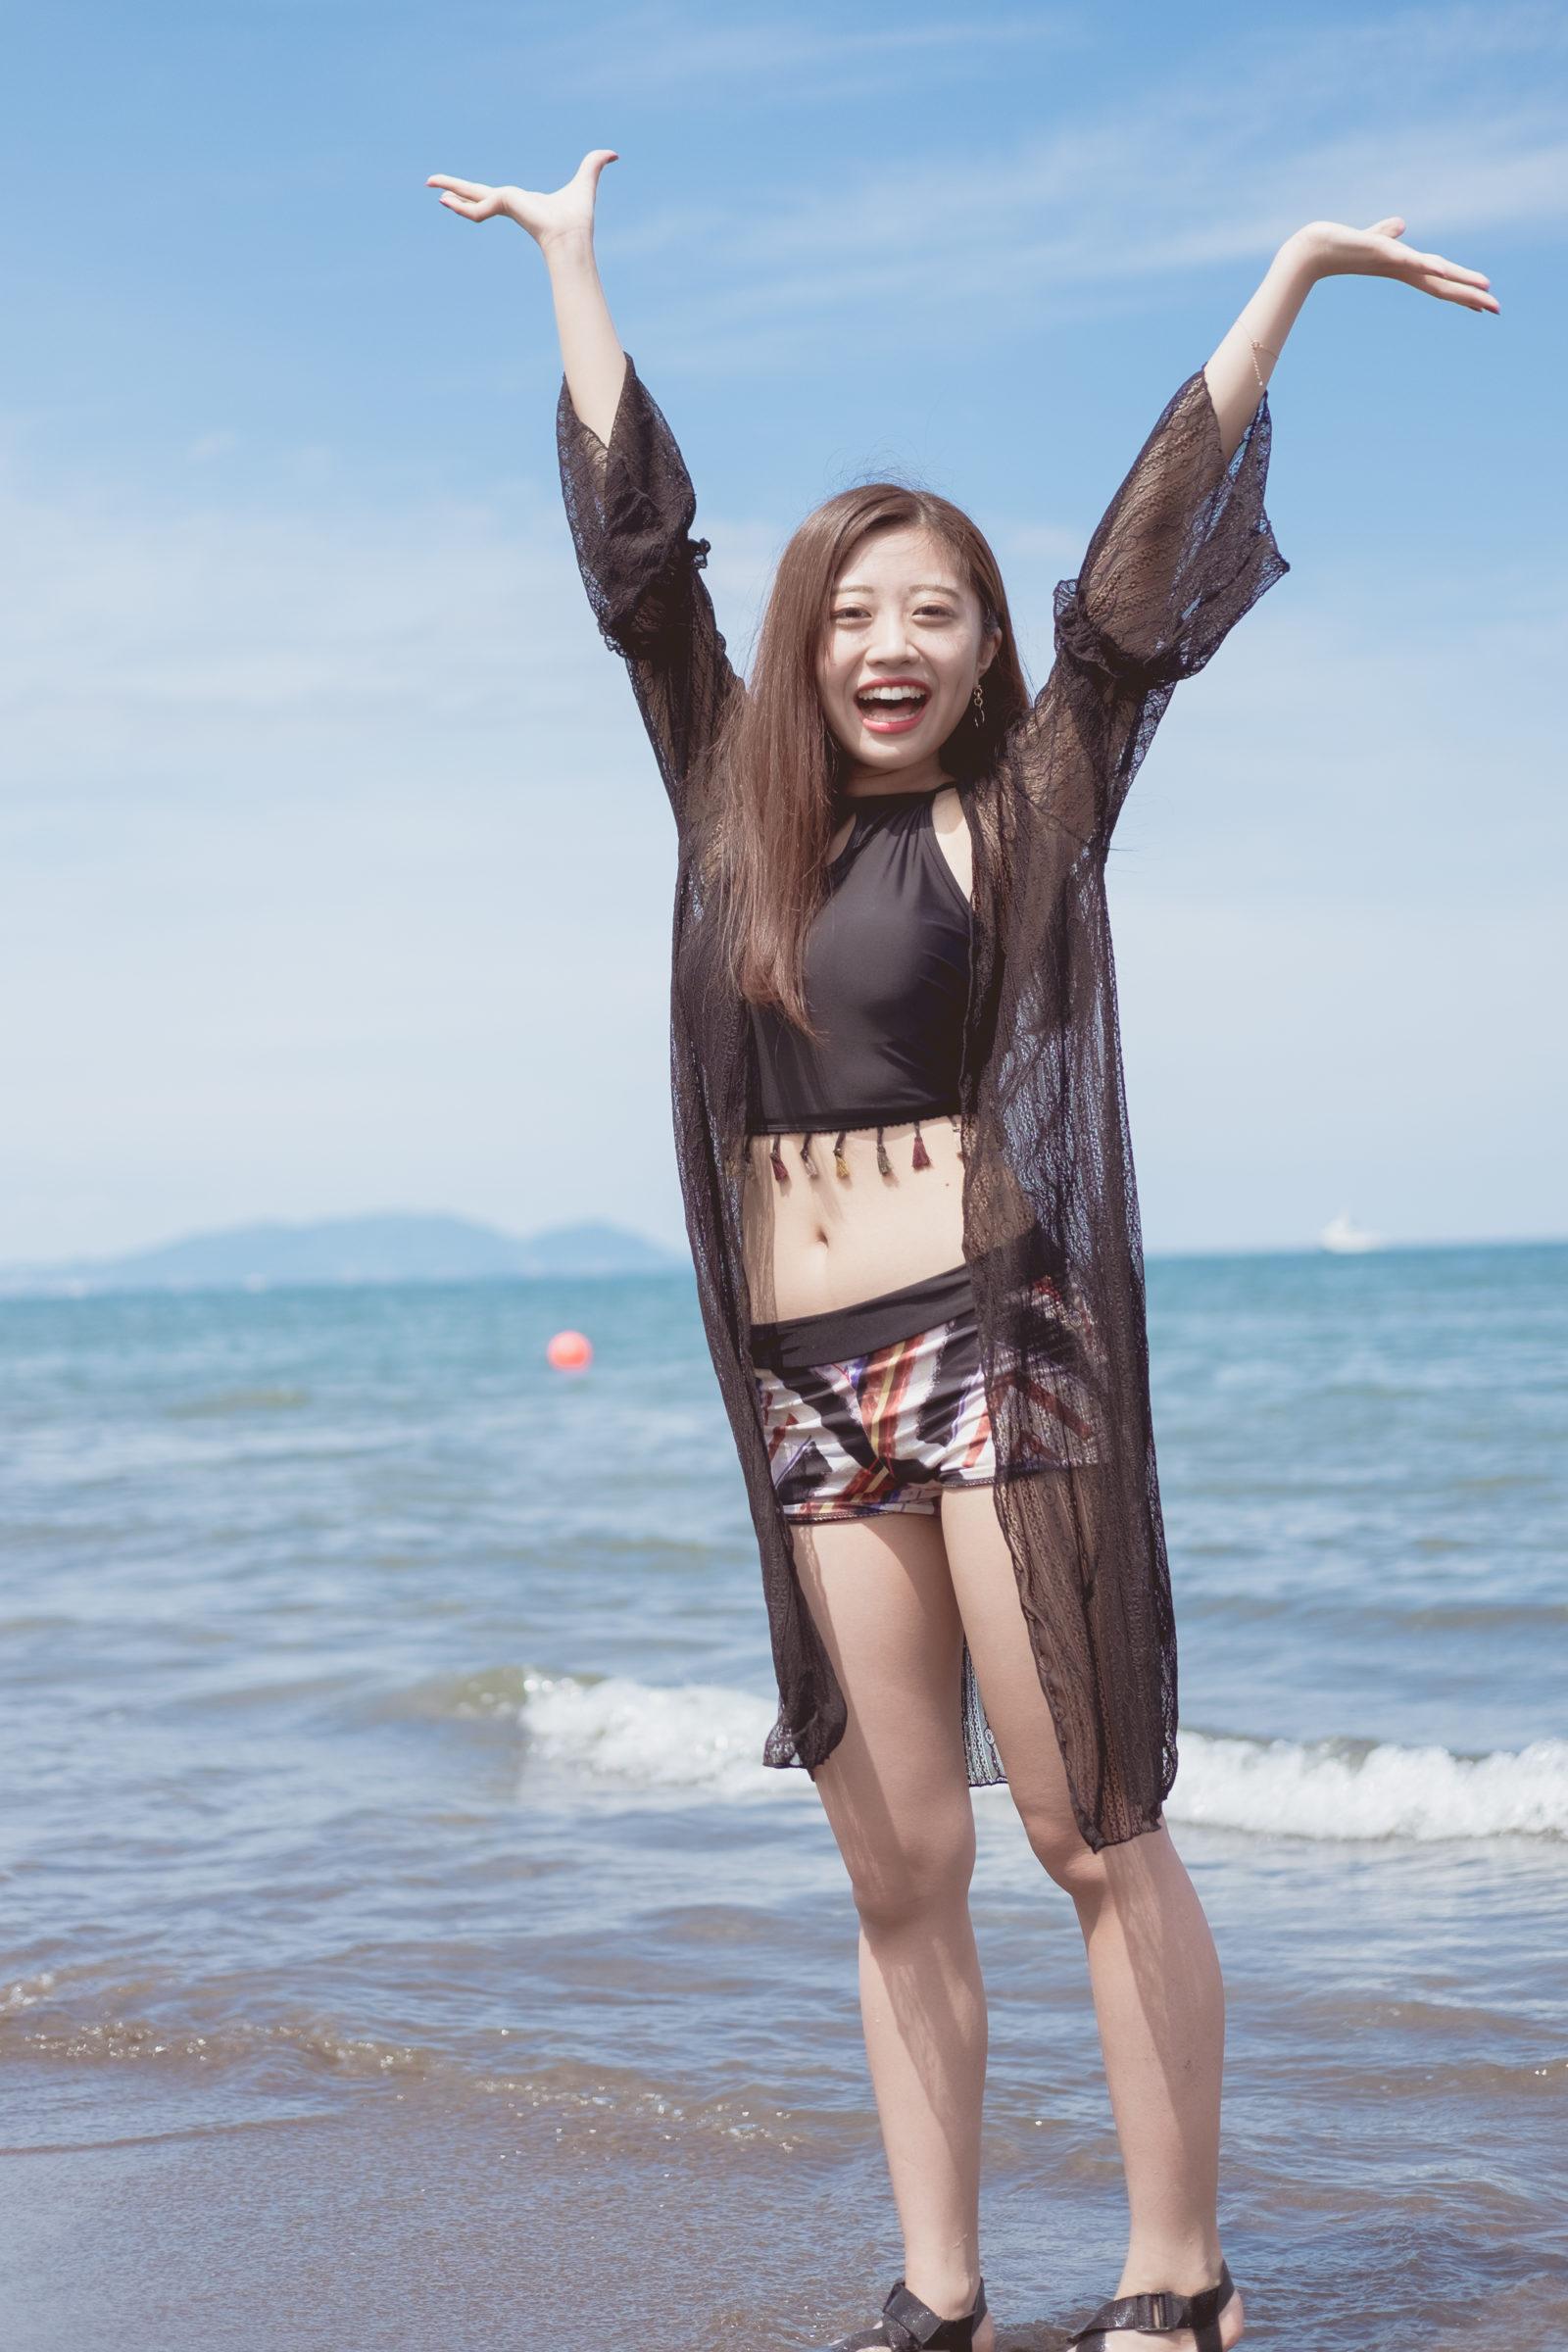 3代目HAPPY少女♪ れいか ( 鳴海れいか ) | ライブプロ海イベント2020水着撮影会